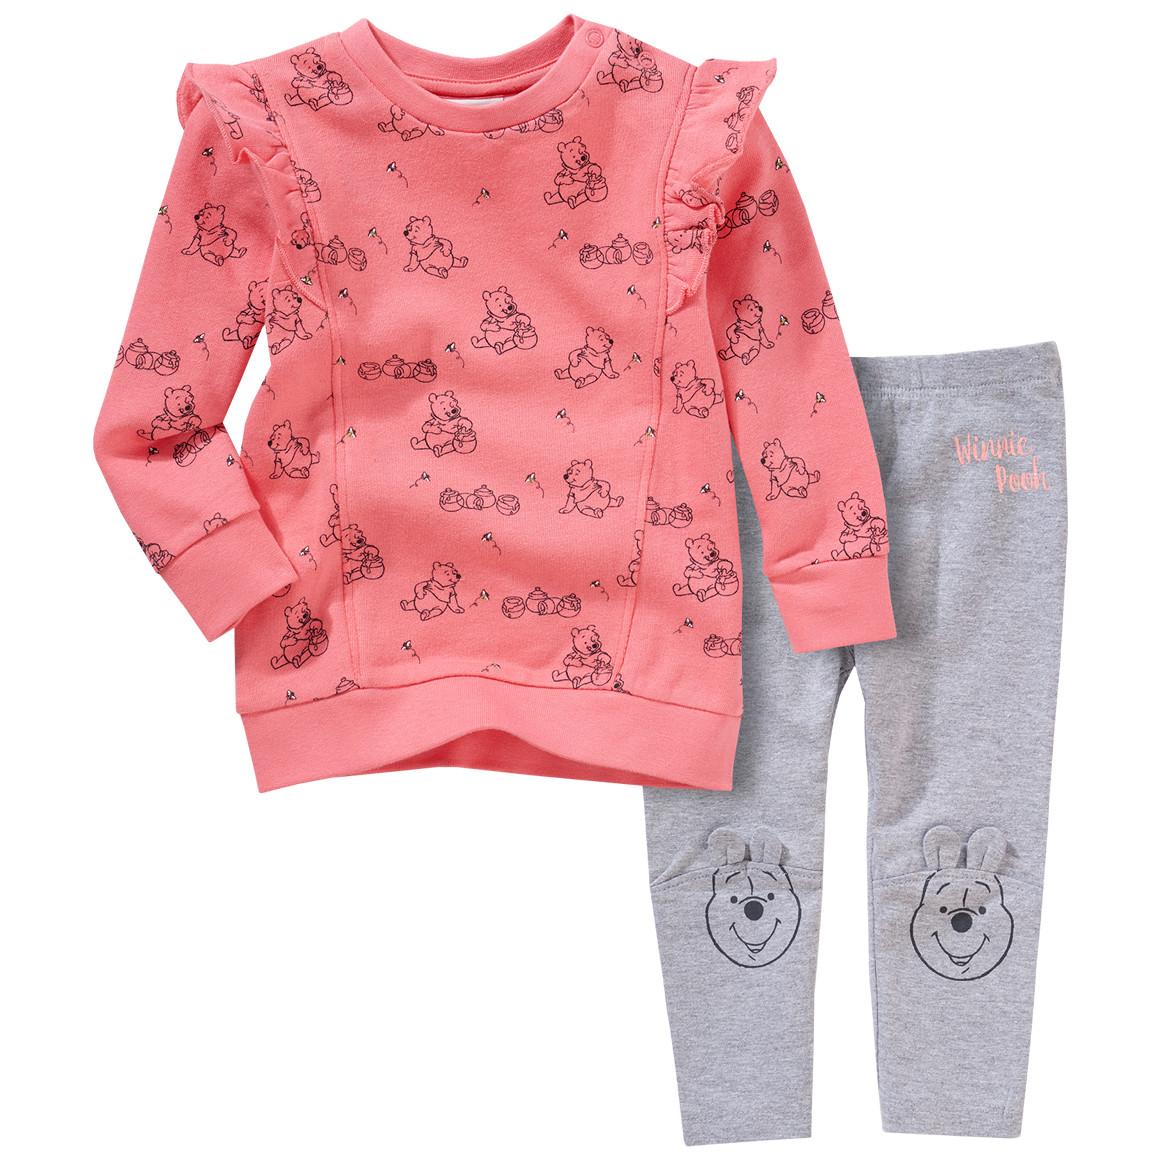 Babysets - Winnie Puuh Sweatshirt und Leggings im Set - Onlineshop Ernstings family